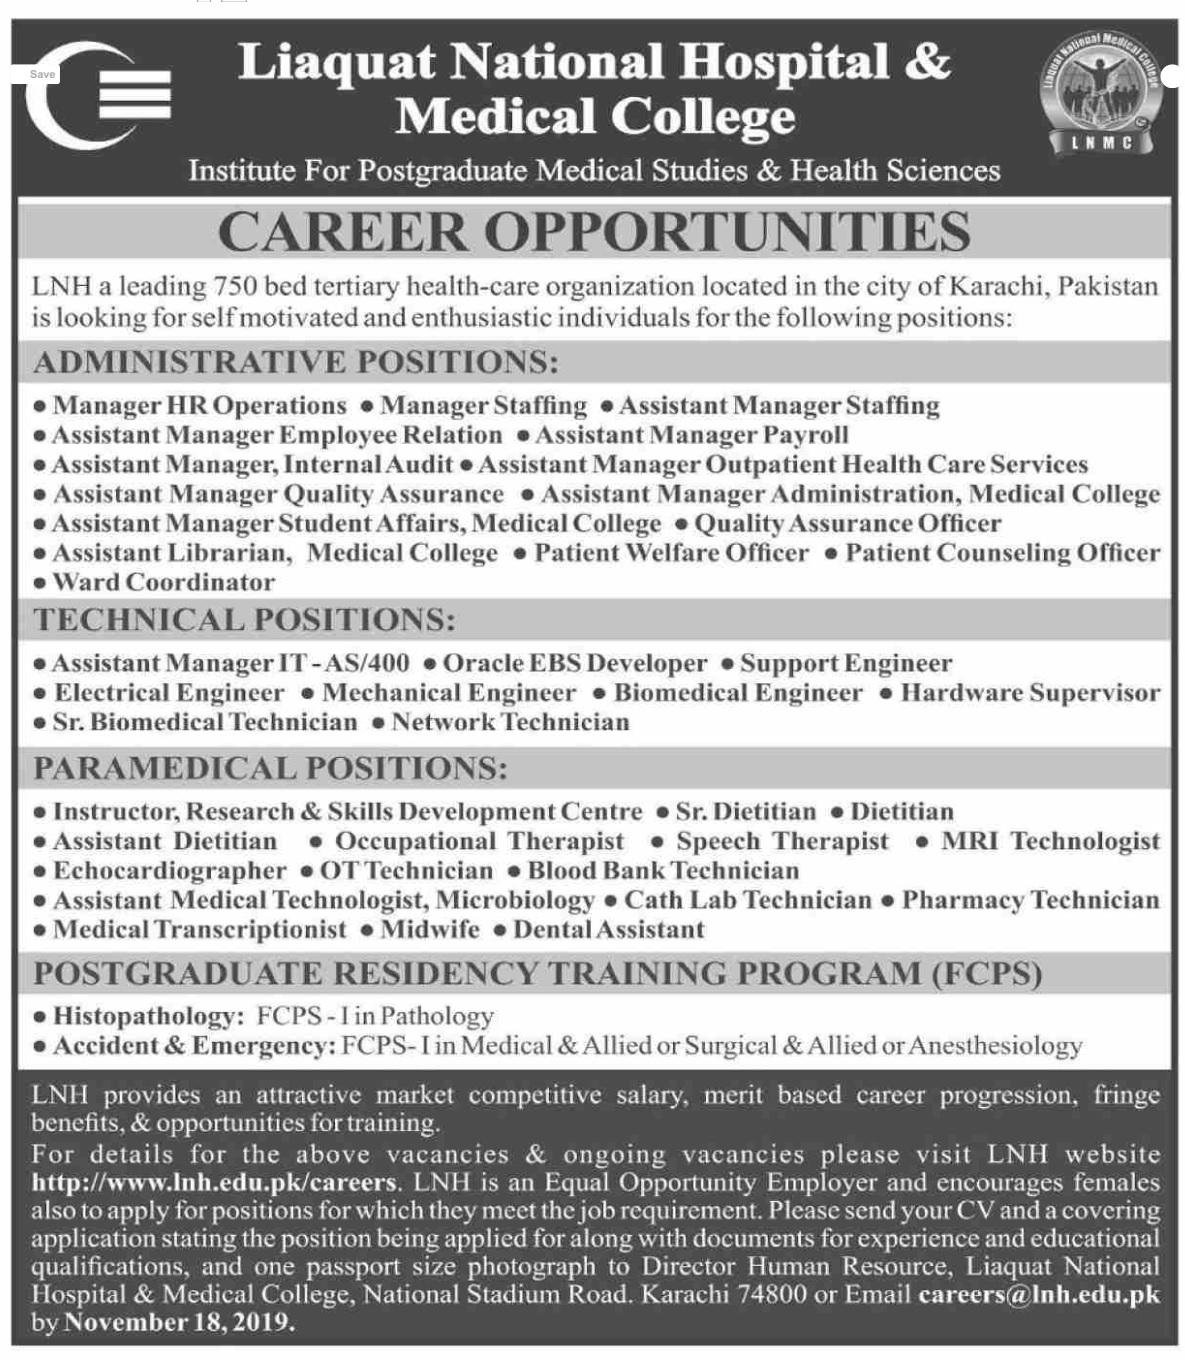 Liaquat National Hospital & Medical College Medical Posts Karachi 2019